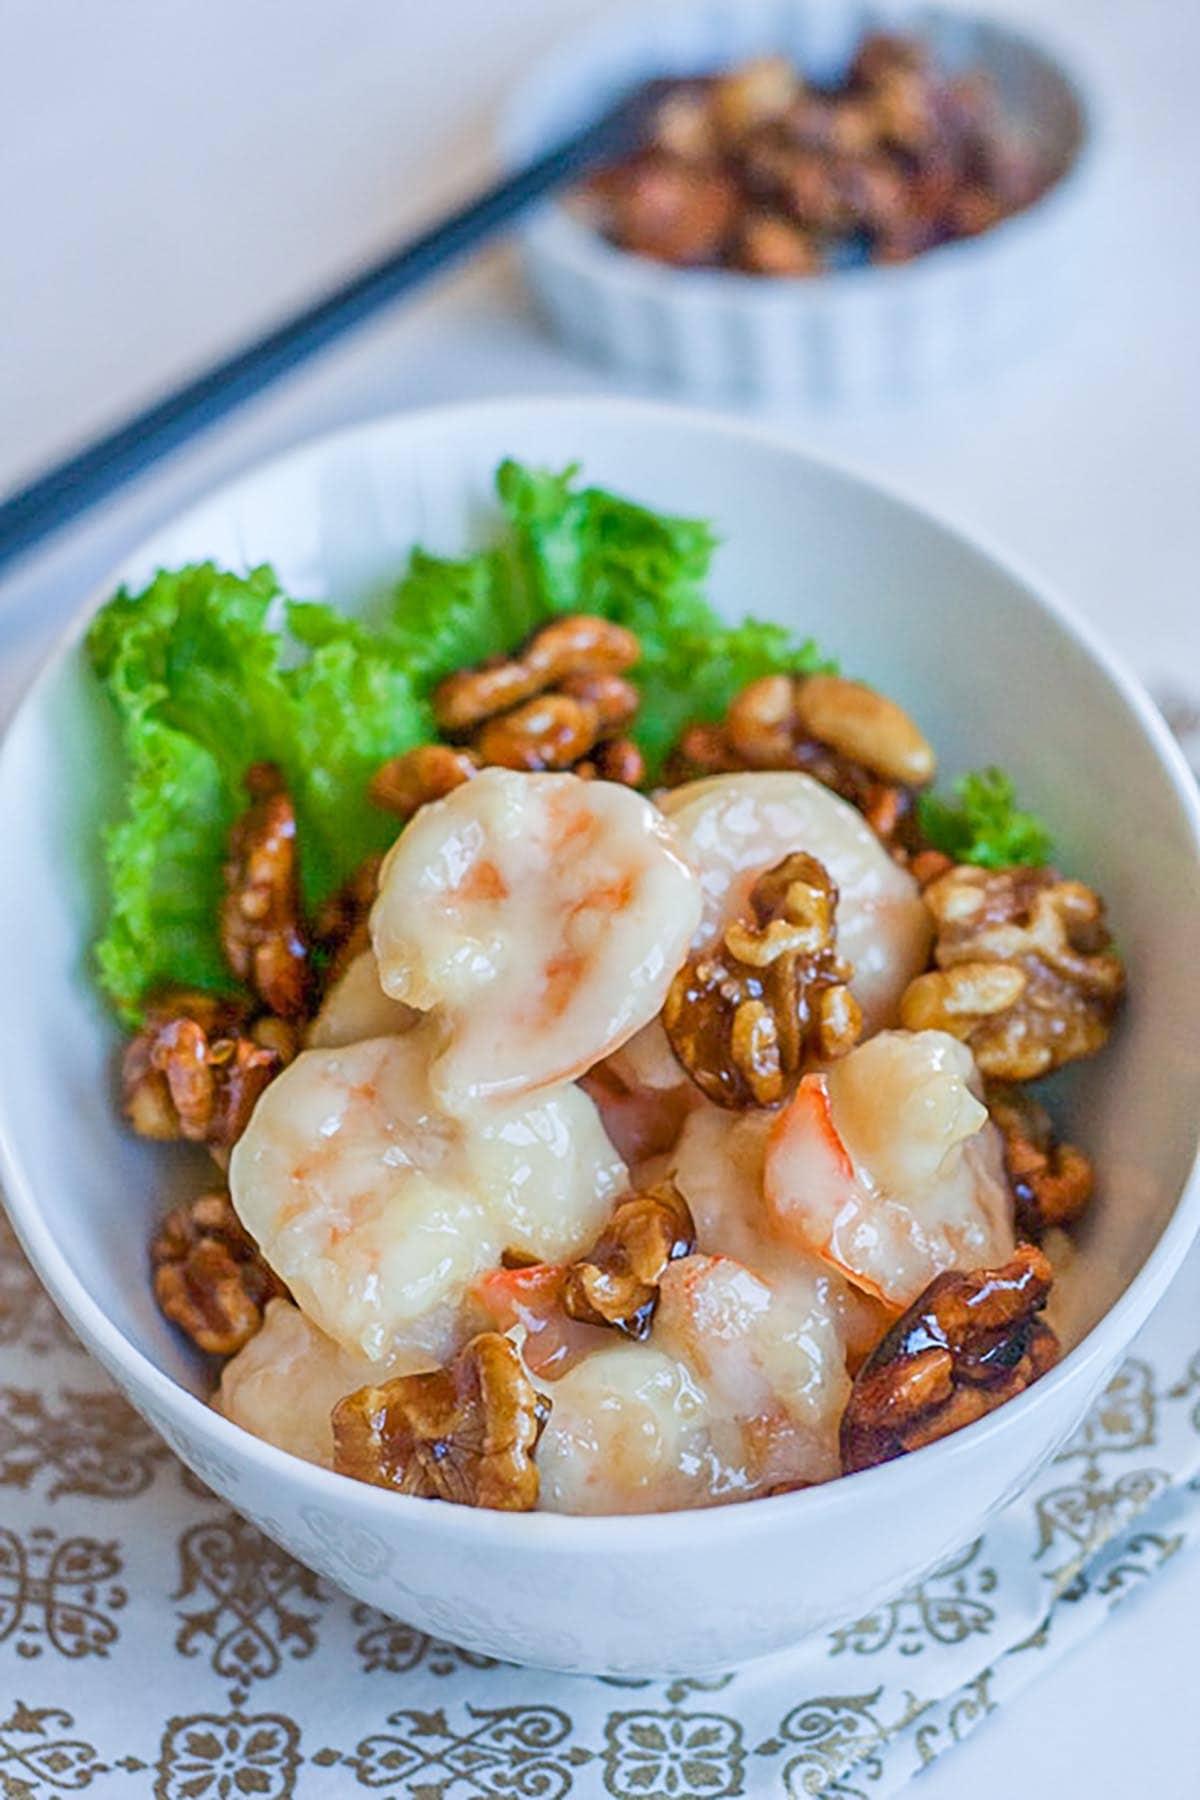 Crevettes au miel et aux noix avec sauce mayo sucrée. Apprenez à le préparer avec cette recette simple et rapide. Tellement délicieux, à essayer | rasamalaysia.com